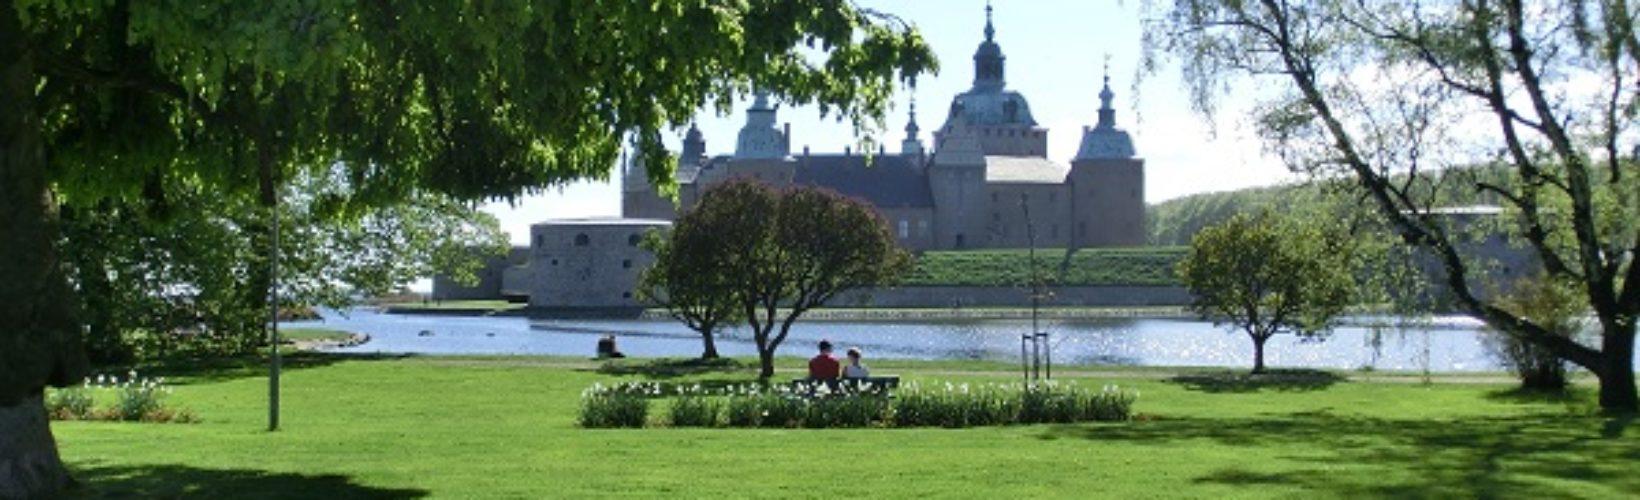 Visit Kalmar